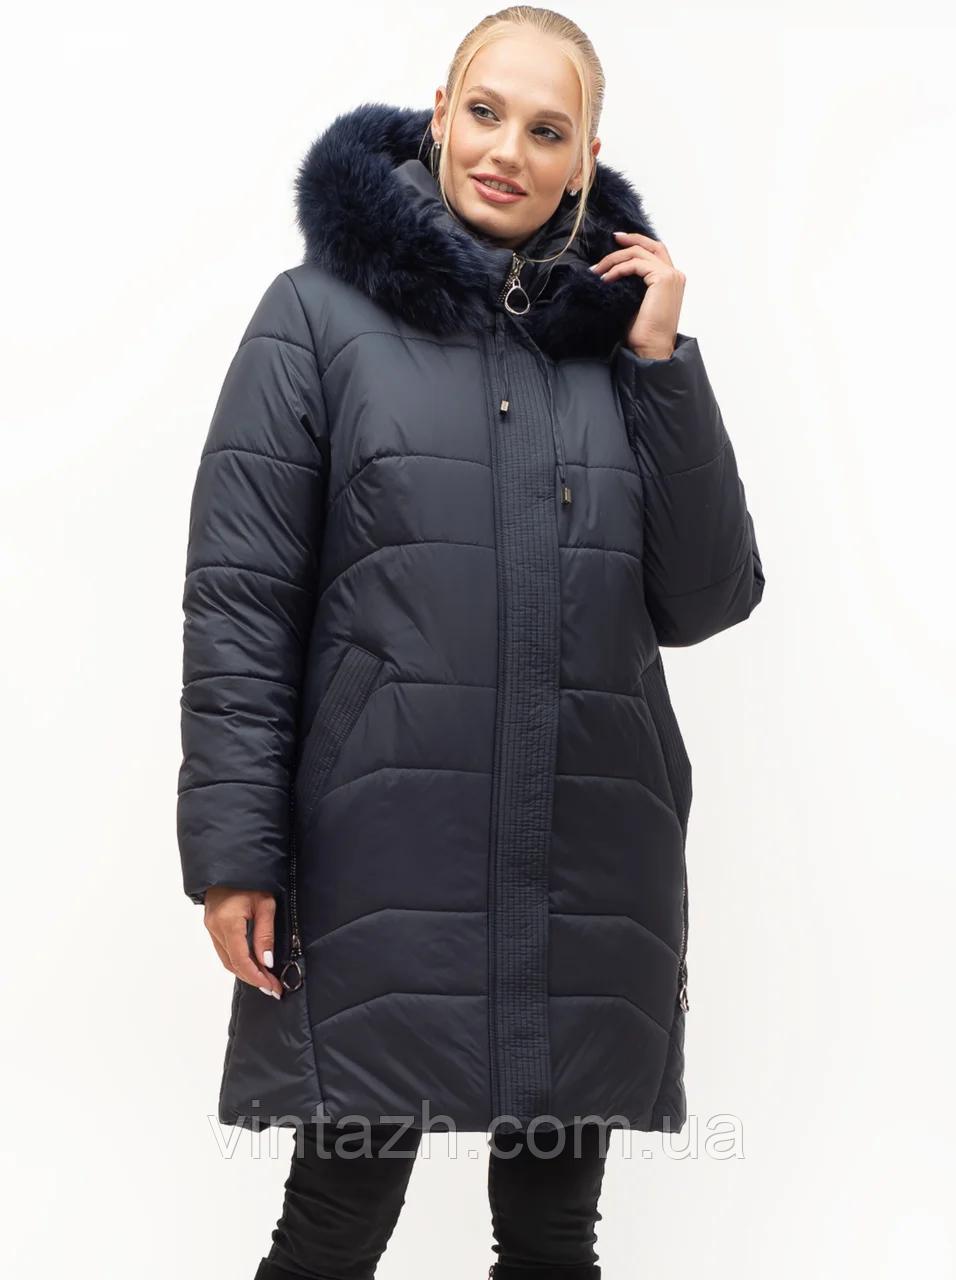 Модная зимняя куртка для женщин размеры 54-70